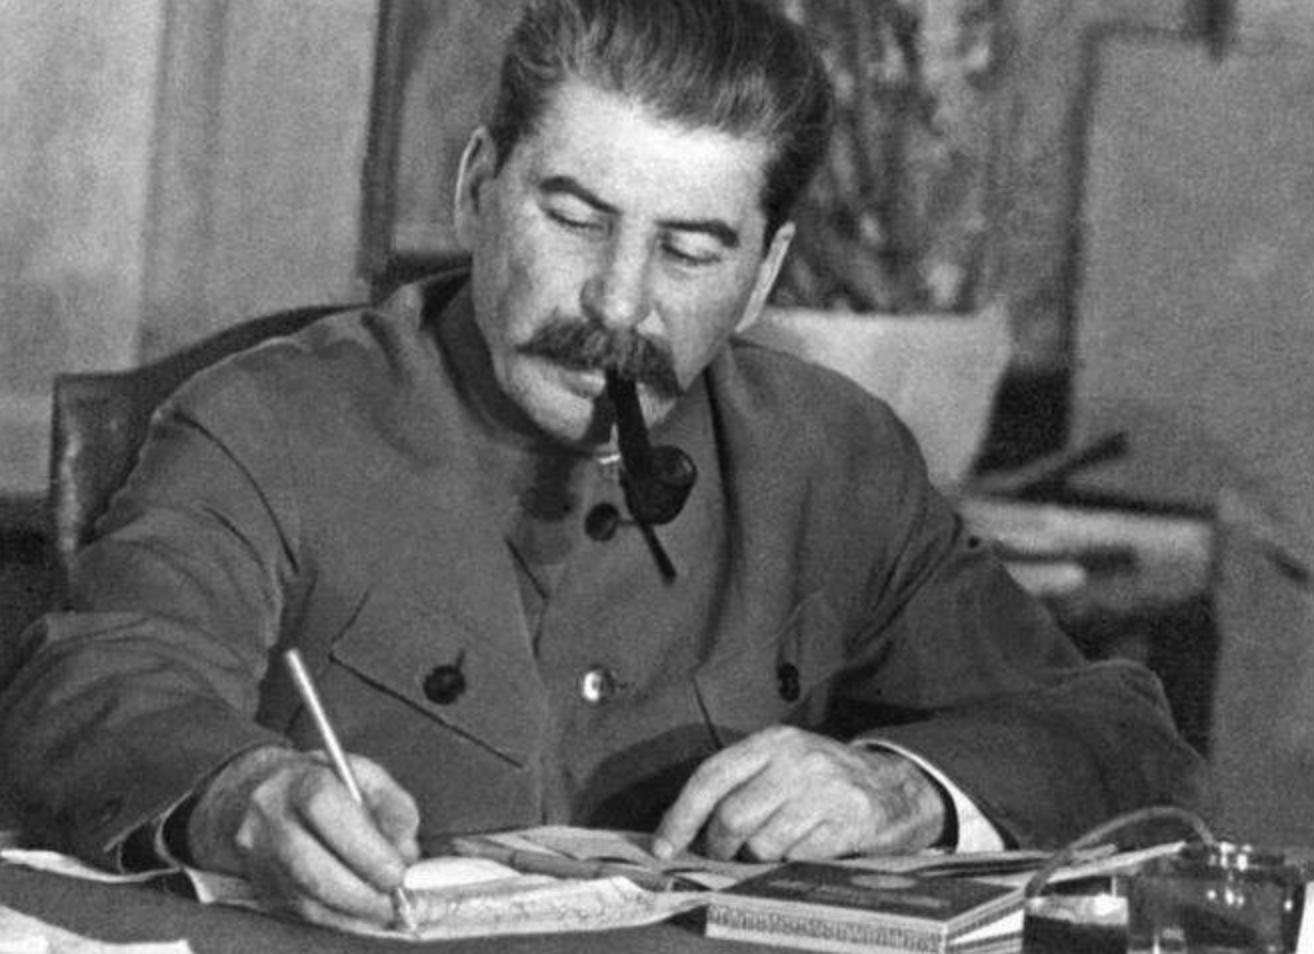 列宁提出防止苏联解体的办法,斯大林非要对着干,结果苏联解体了